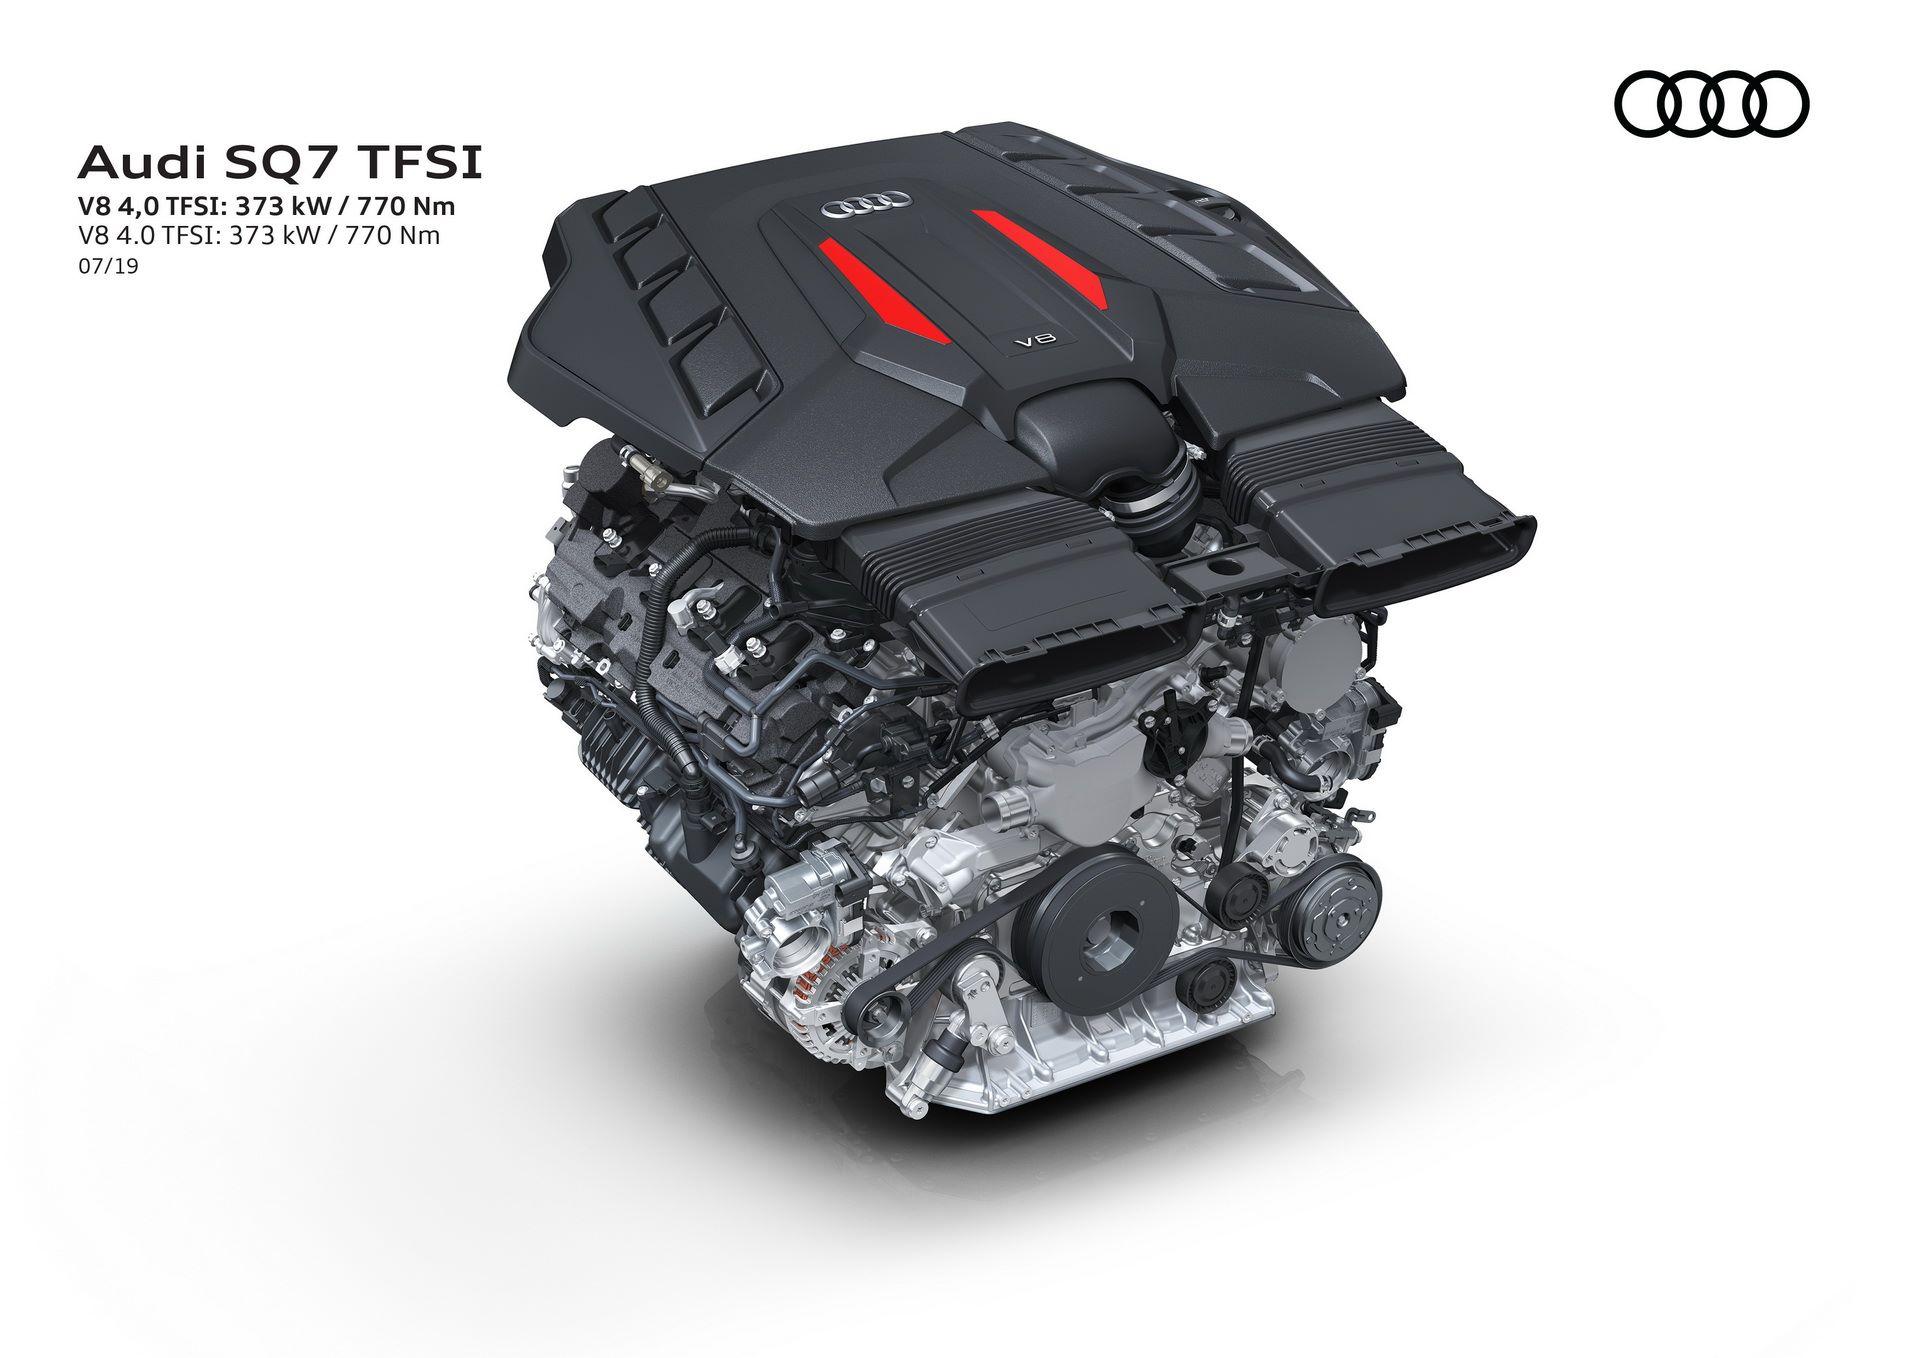 audi-sq7-sq8-v8-tfsi-engine-64